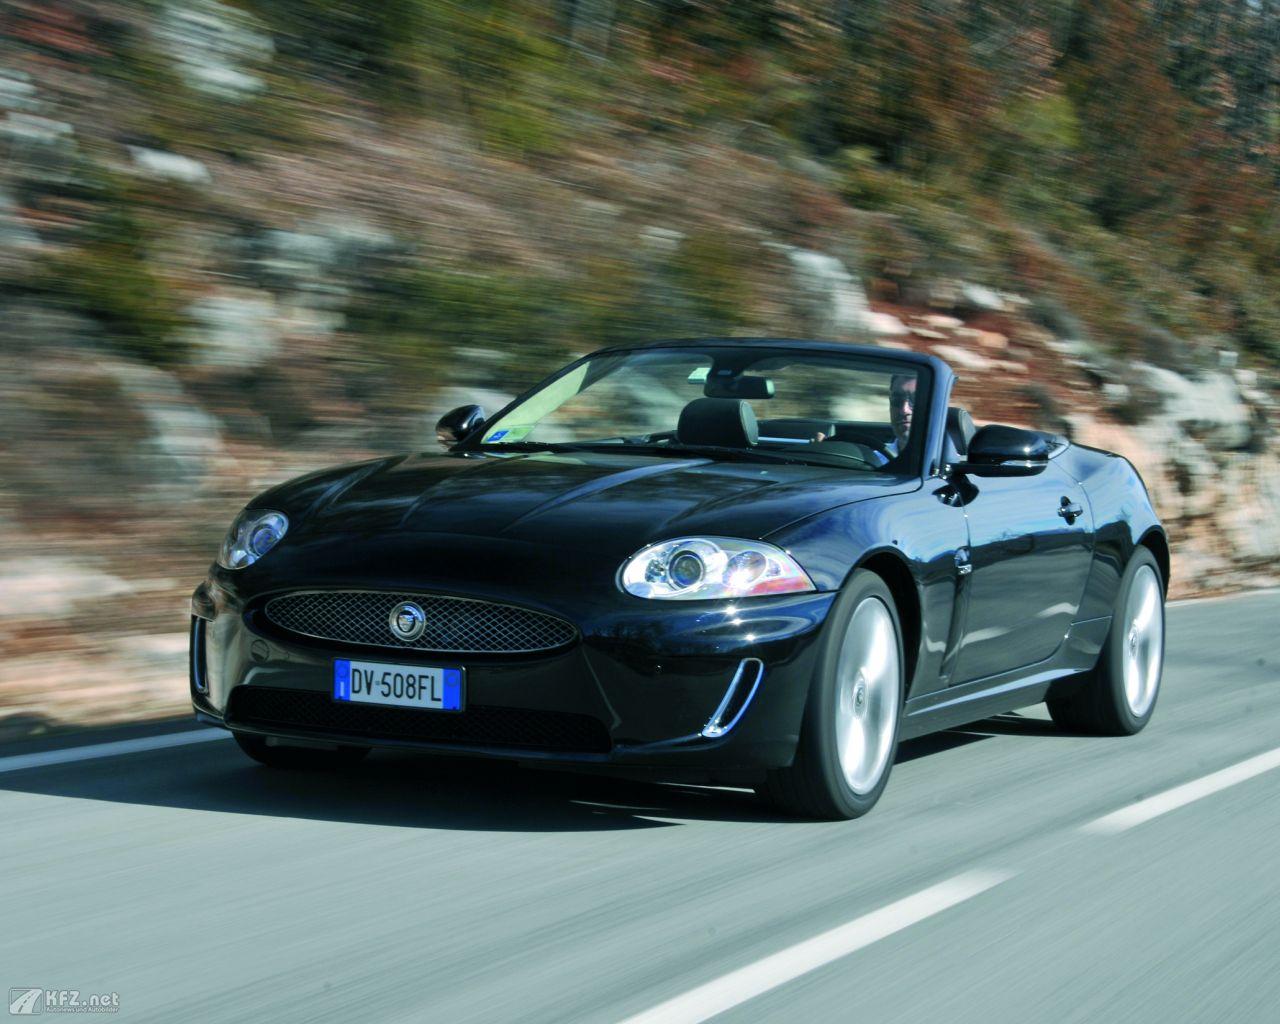 jaguar-xk8-1280x1024-14